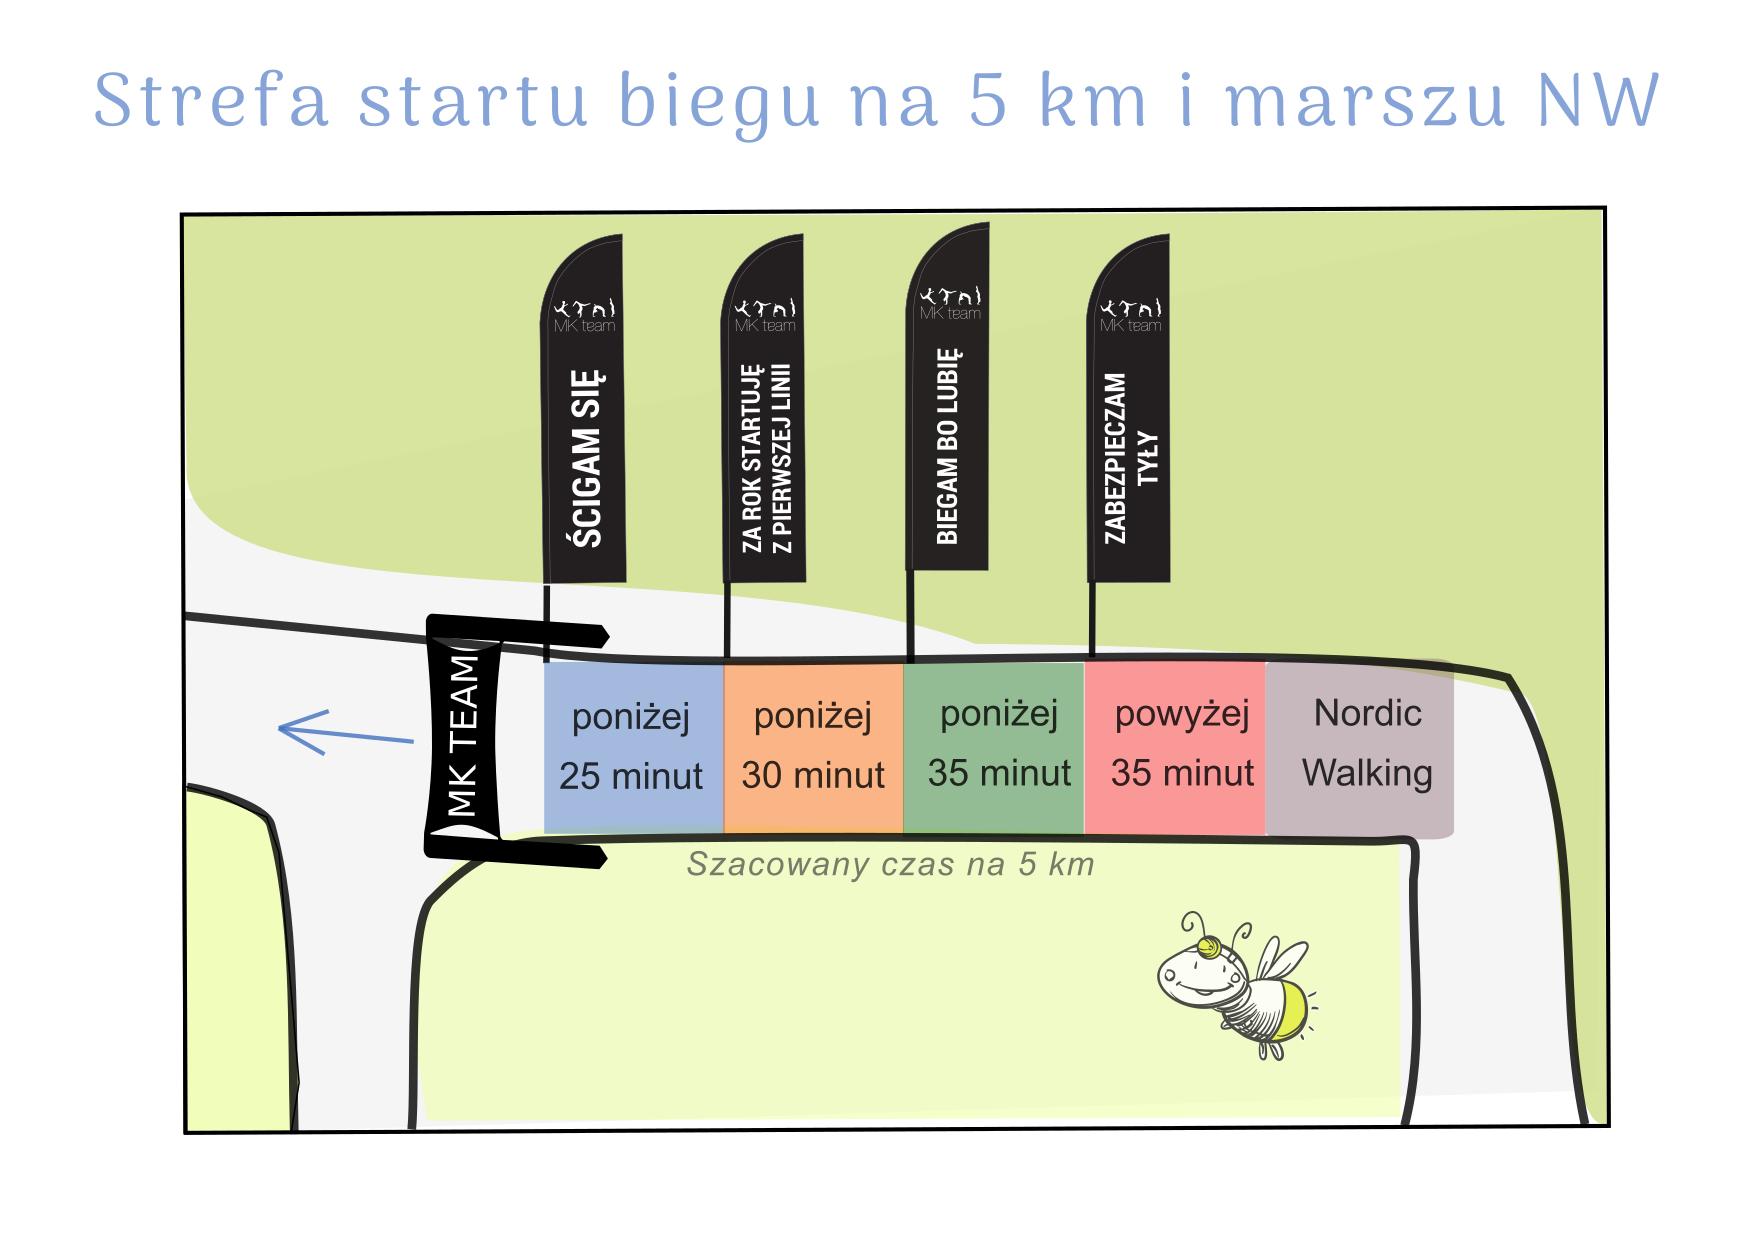 Strefy startowe - bieg 5 km